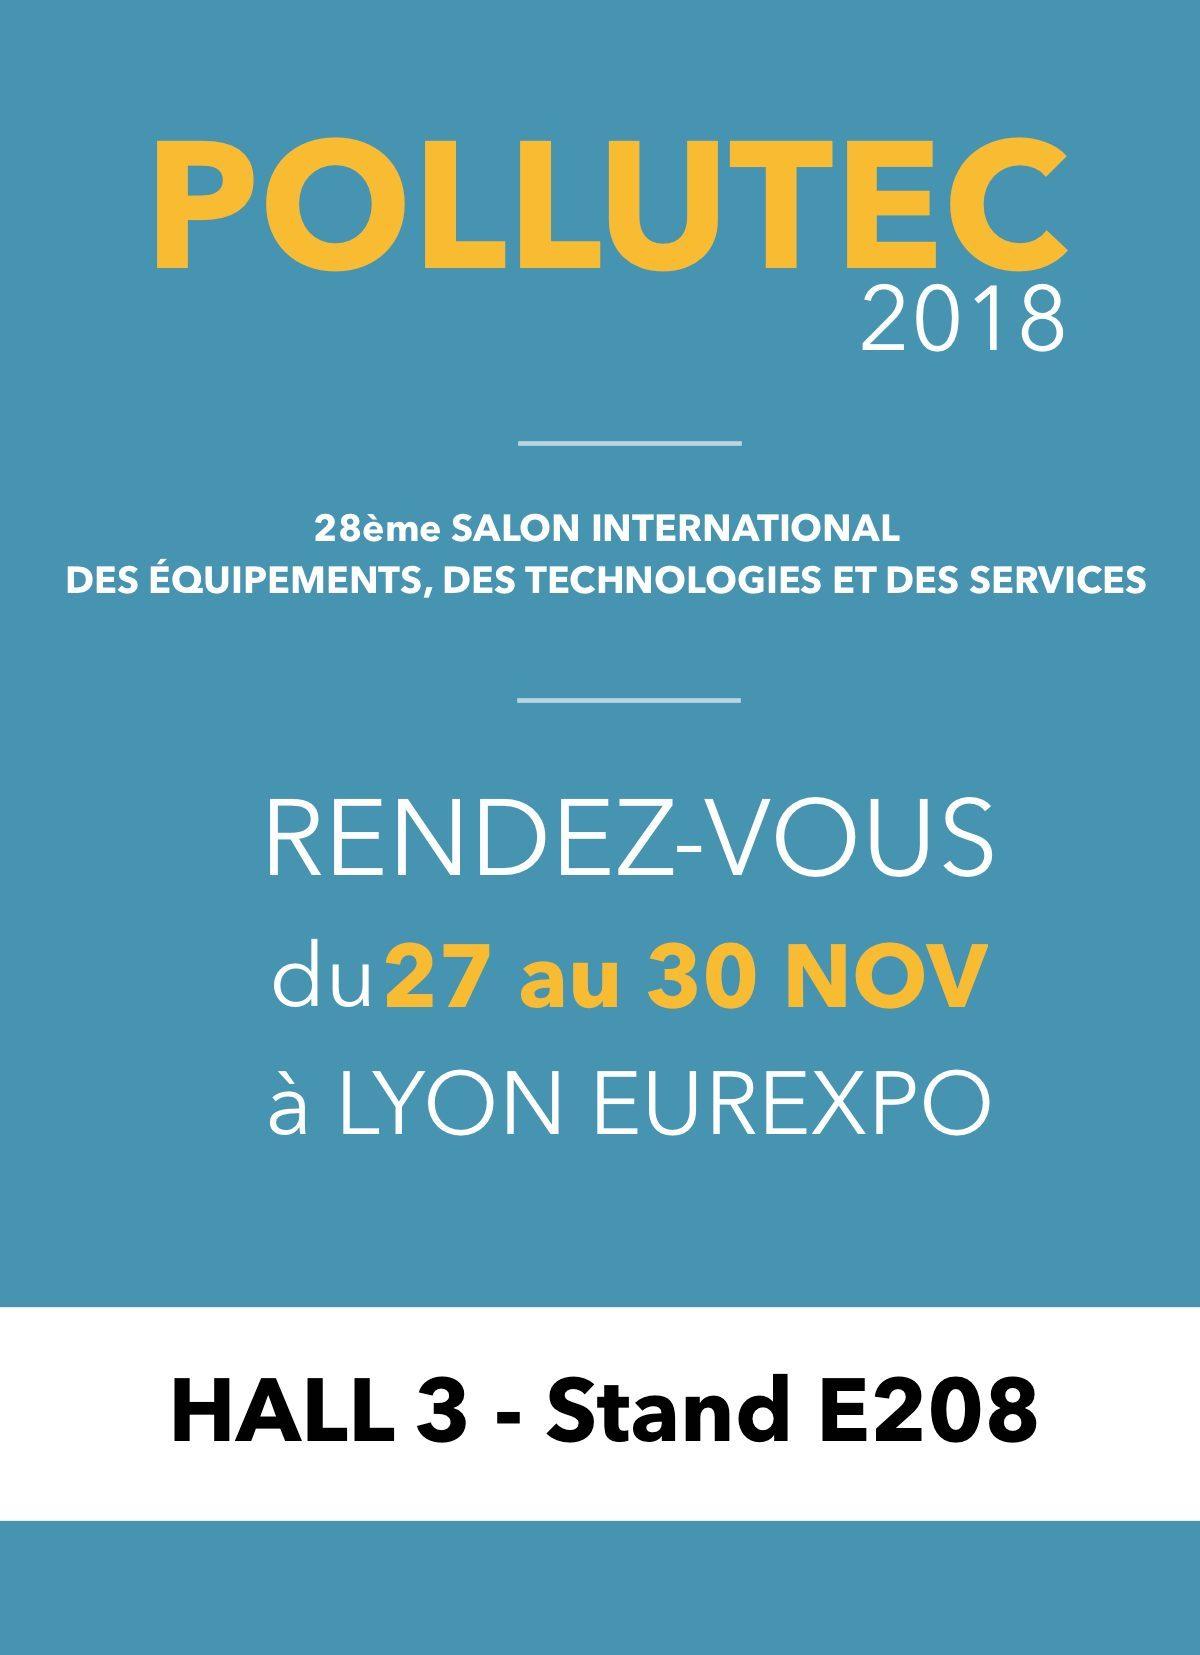 Retrouvez-nous à POLLUTEC du 27 au 30 Novembre 2018